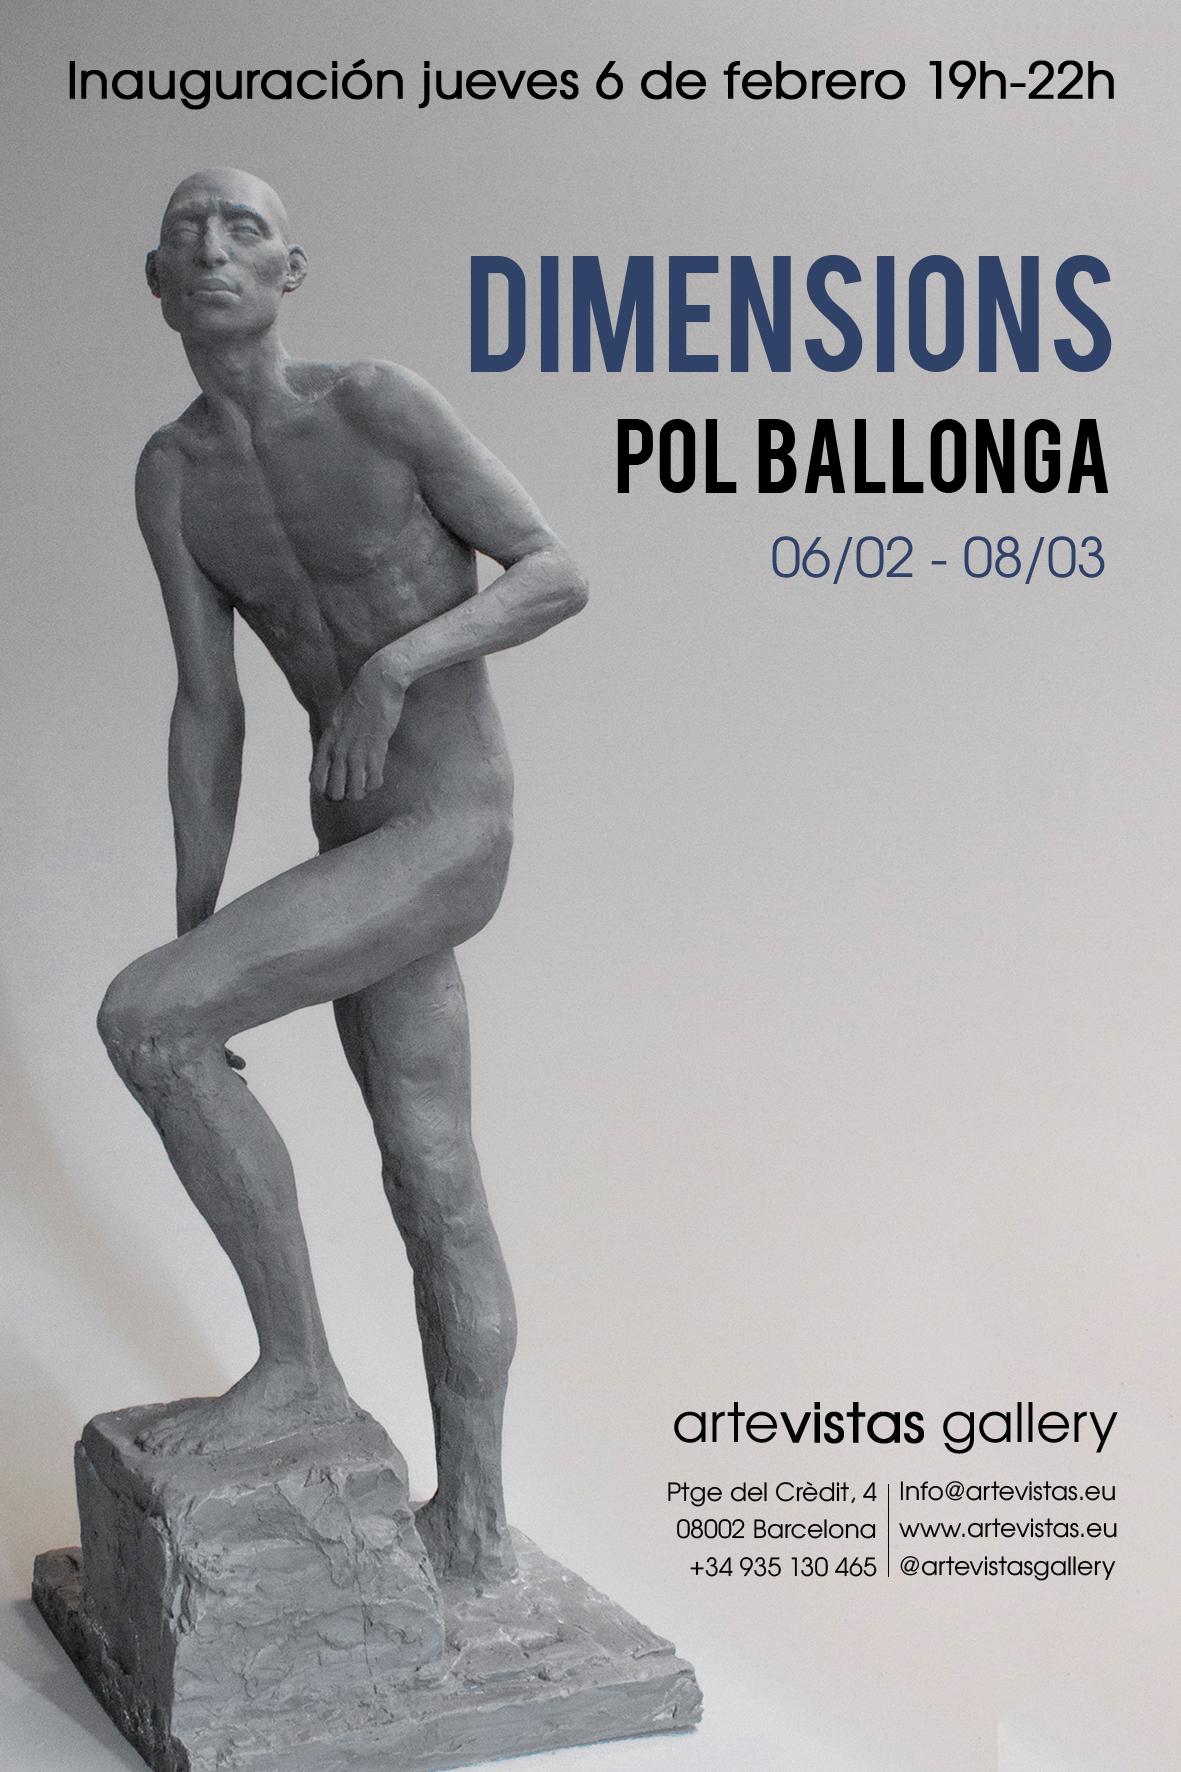 Dimensions - Pol Ballonga